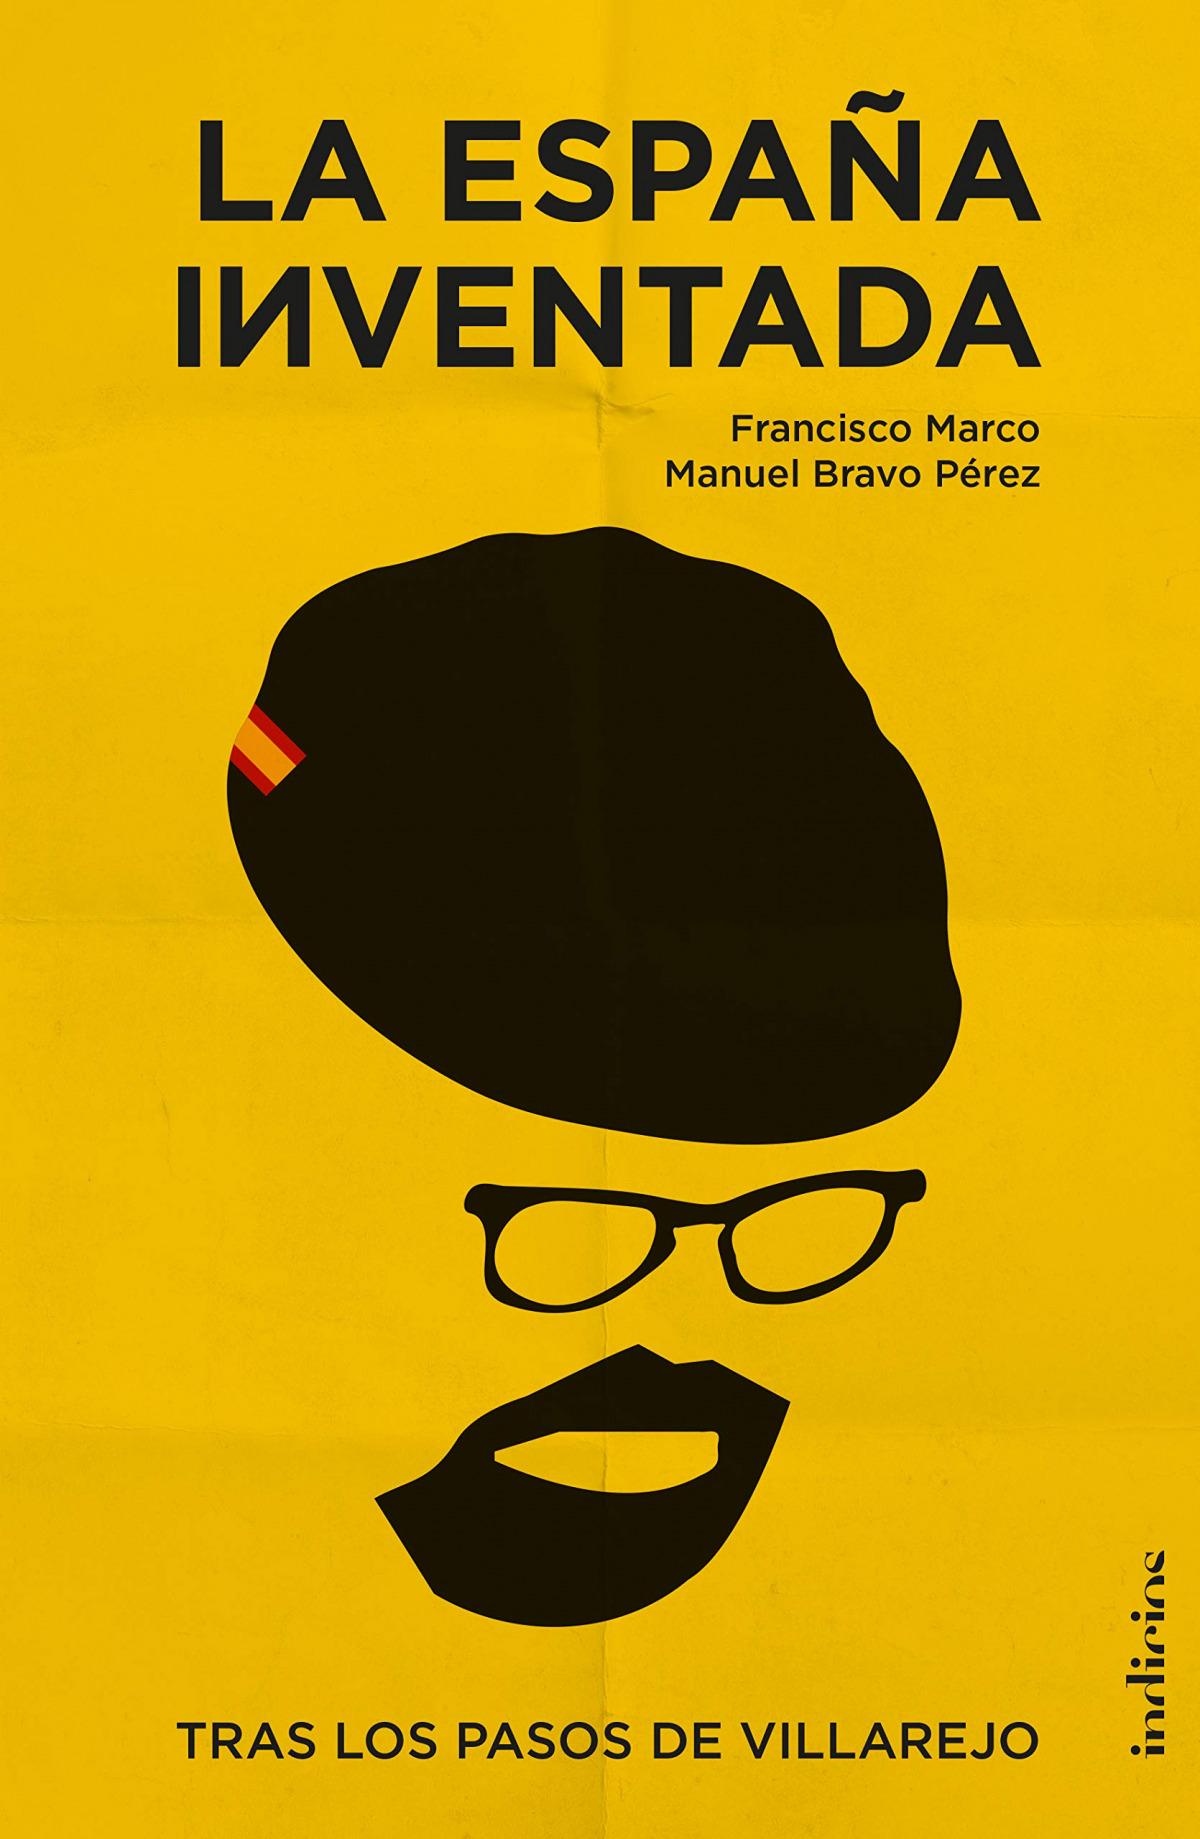 La España inventada 9788415732495